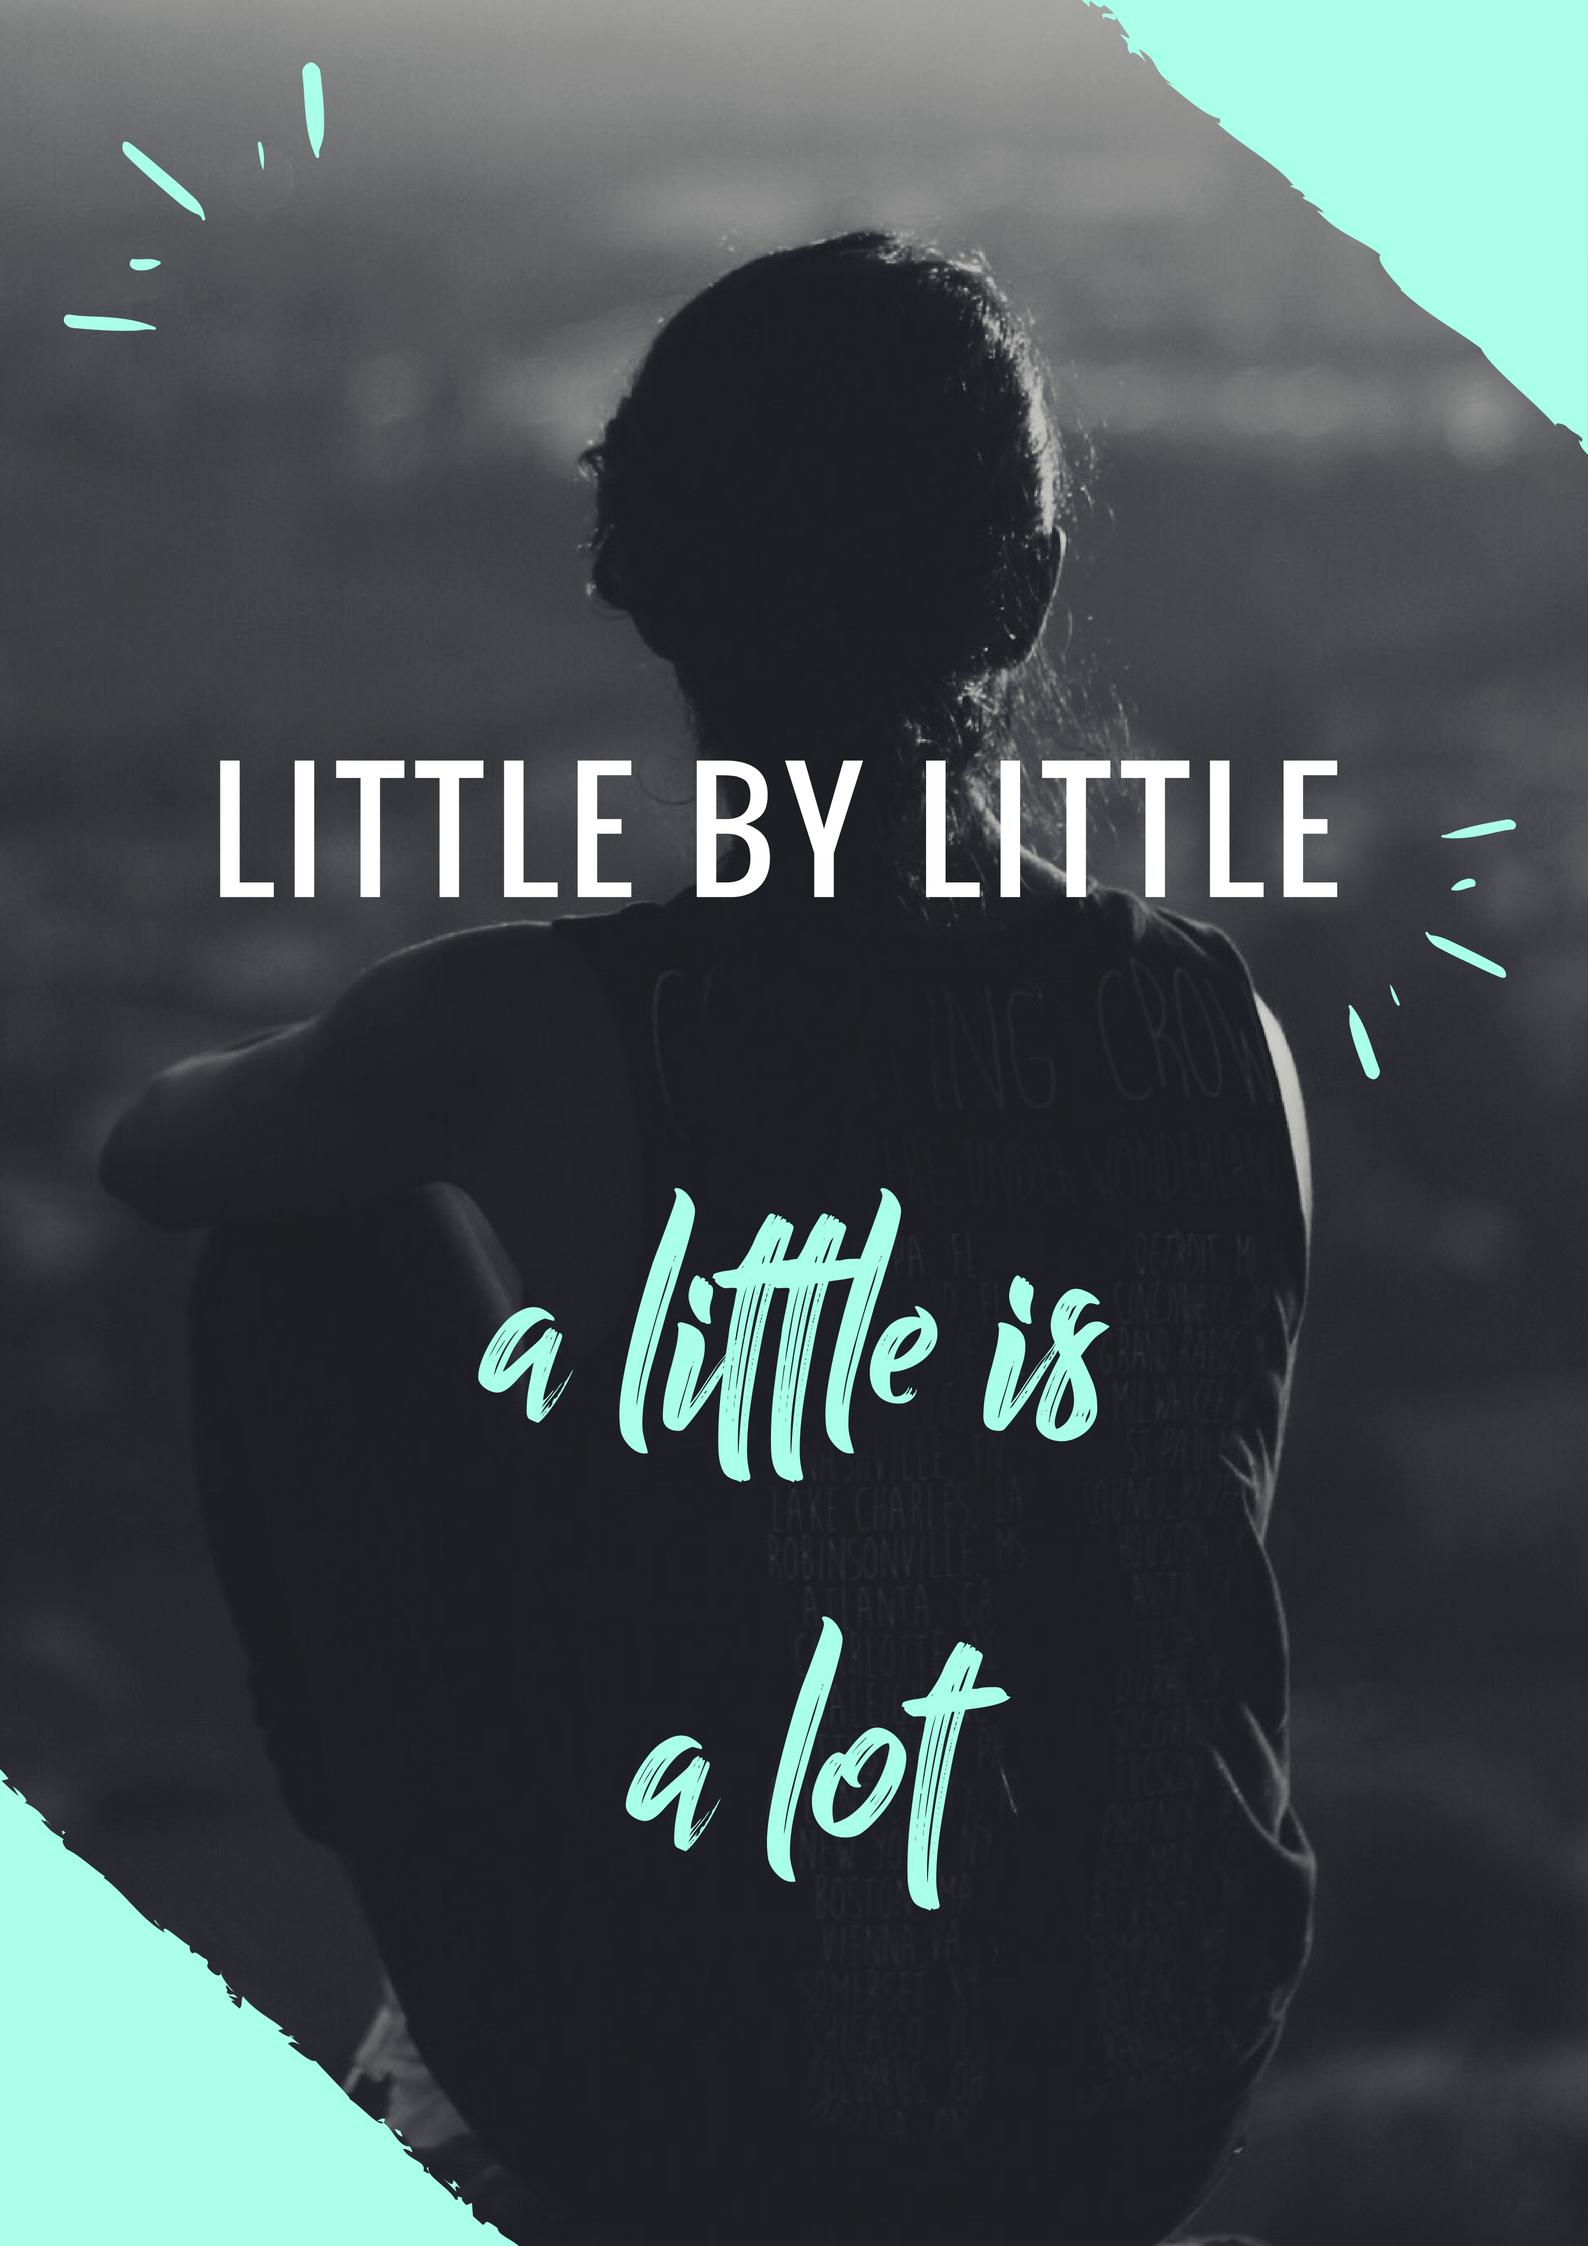 littlebylittle.png